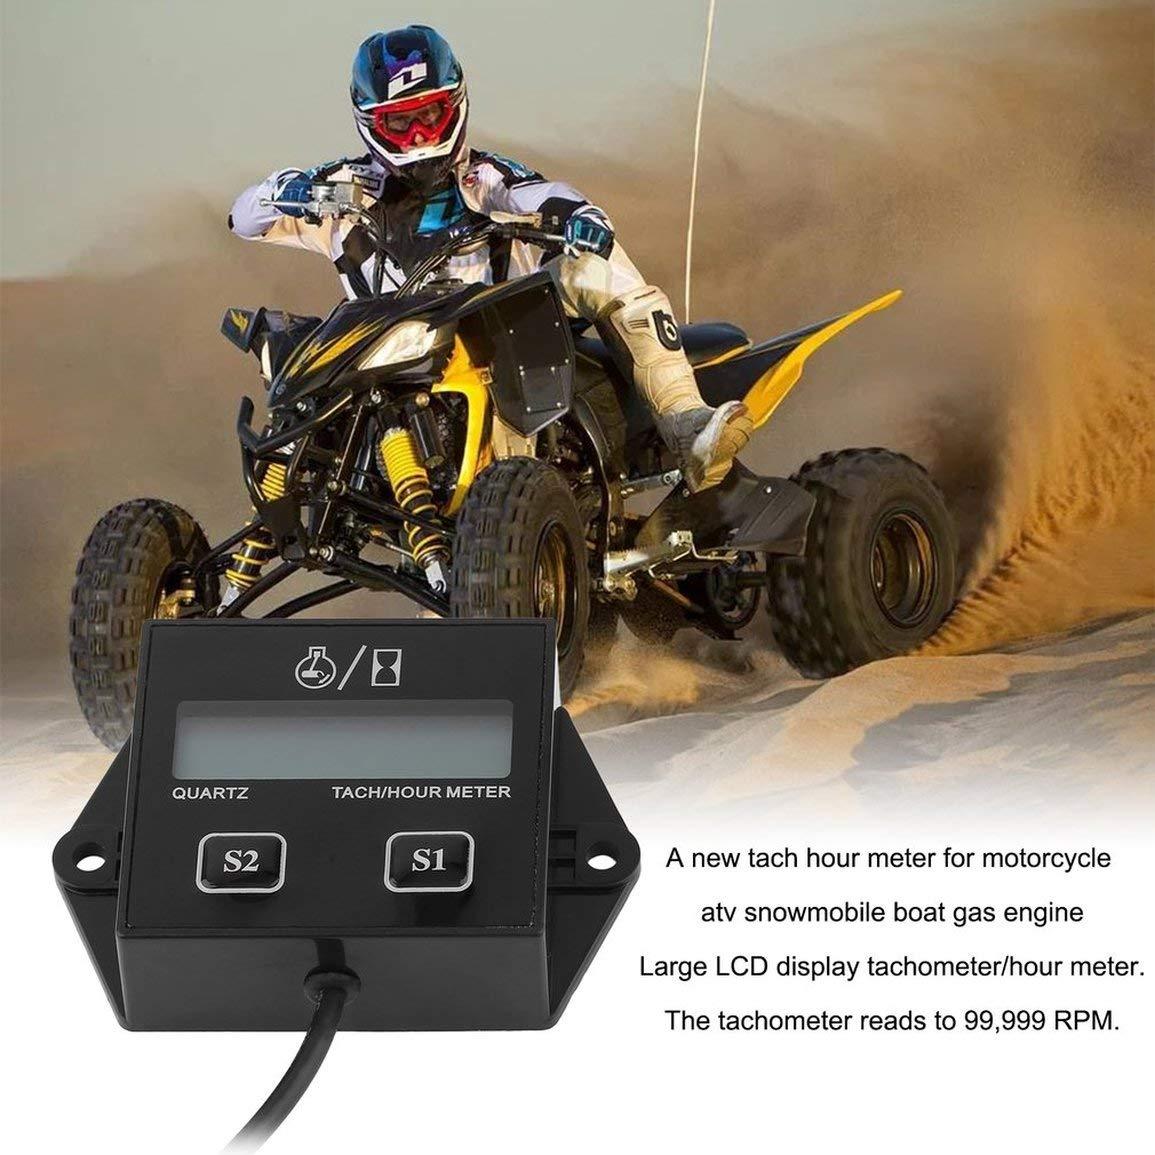 12V de Voiture LCD Affichage Tachym/ètre Compteur Dheures Moto 2 /& 4 Temps Moteur /À Essence pour /Étincelle pour Bateau Motocross V/élo fghfhfgjdfj